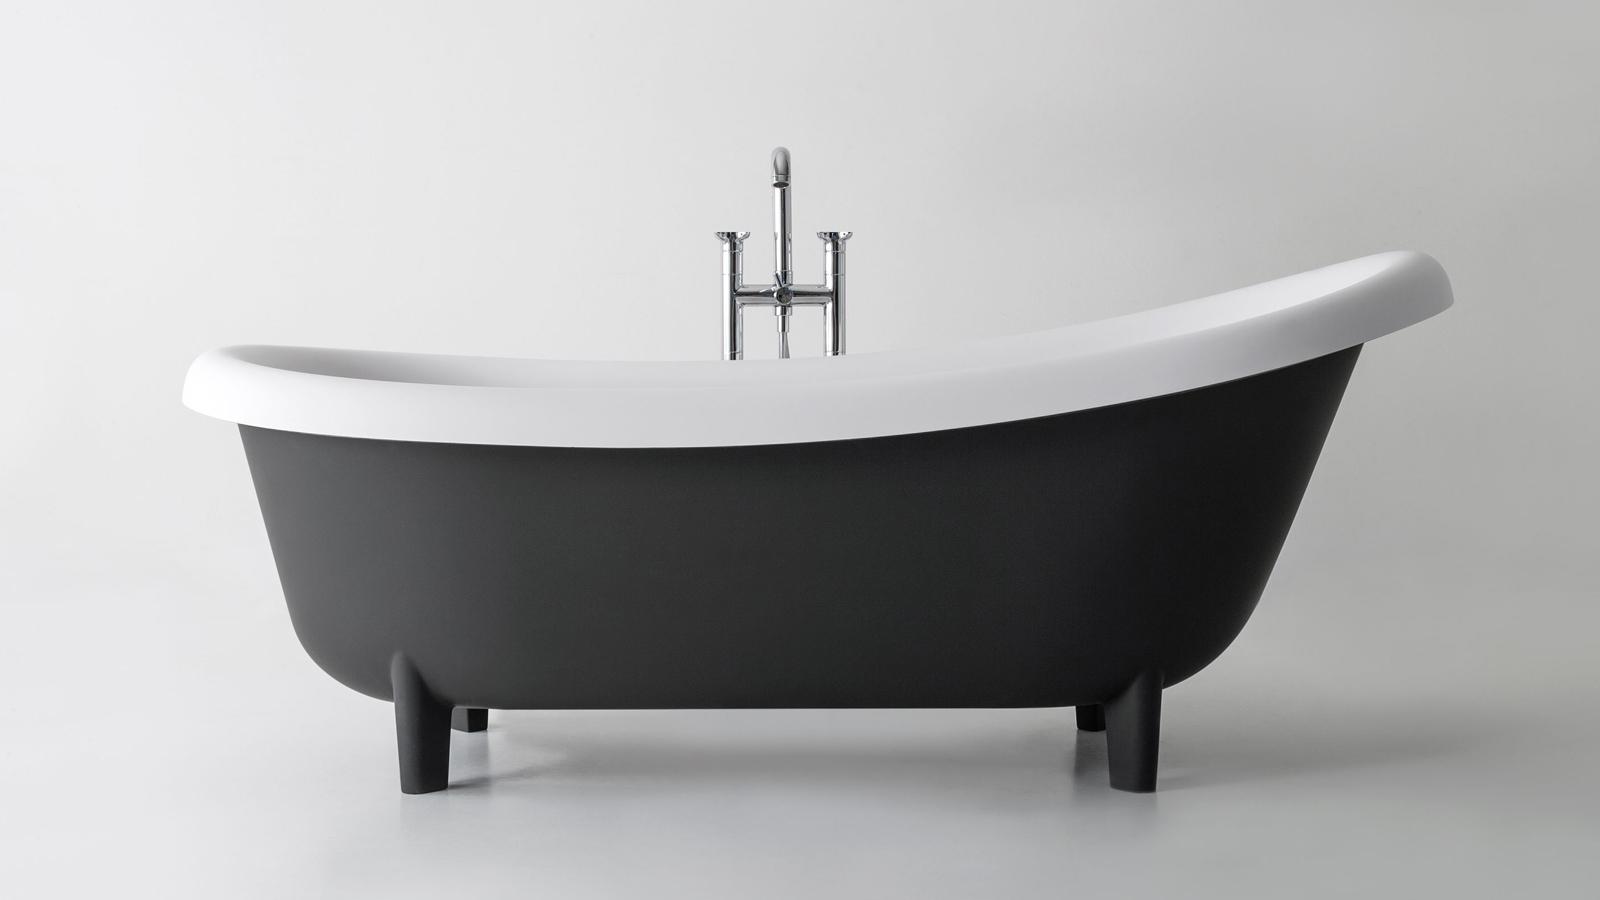 A hagyományos, lábakon álló fürdőkád, némiképp modernizálva: ez a Suite. Az antoniolupi termékének háttámlája éppúgy magasított, pereme pedig éppúgy visszahajlik, mint nagy elődeié, új anyaga ugyanakkor egyedi és szokatlan kialakítást tesz lehetővé – például bársonyszerű, matt felületet is, ha épp arra vágyunk.